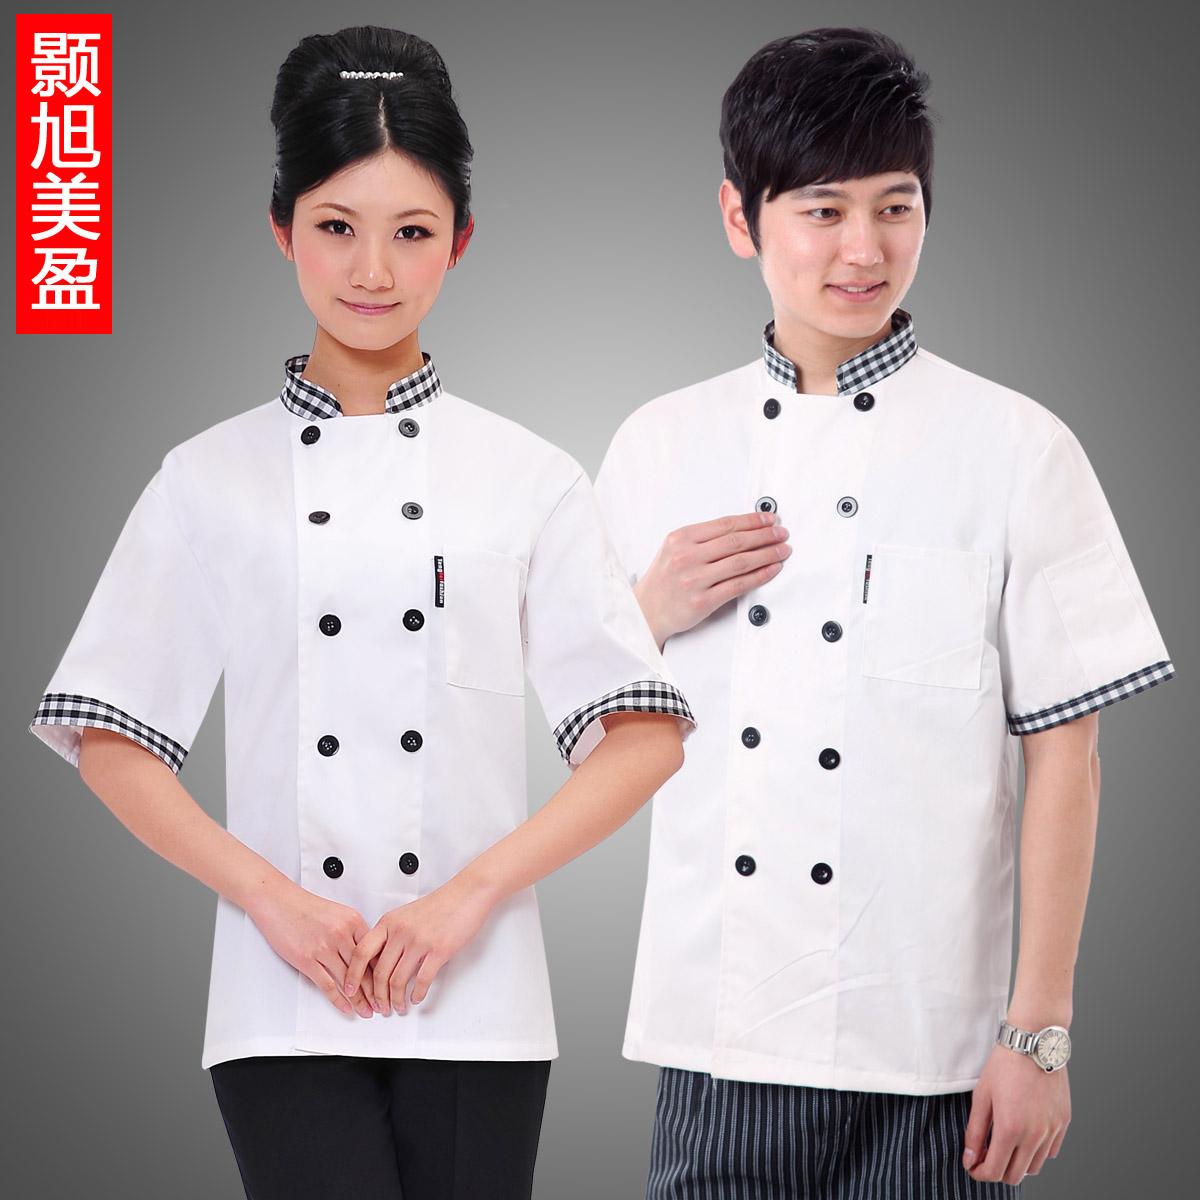 酒店工作服夏装女西餐厅制服酒店厨师长服装白色厨师服短袖双排扣